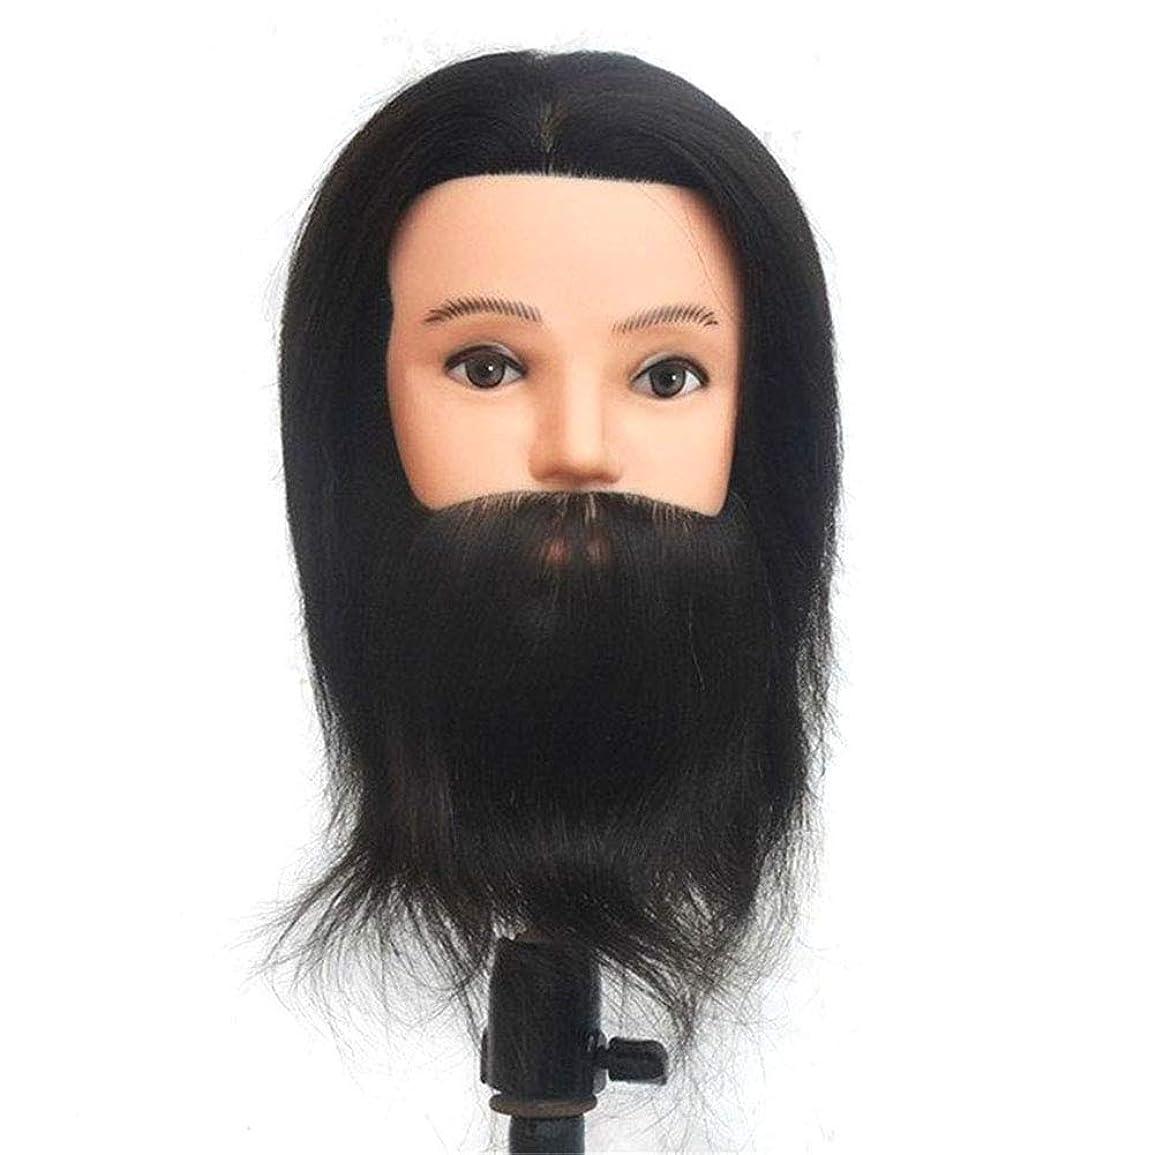 所得牽引排泄物リアル人間の髪トレーニングヘッドパーマ髪モデル髪染め理髪ダミーヘッドトリミングひげ学習ヘッドモデル